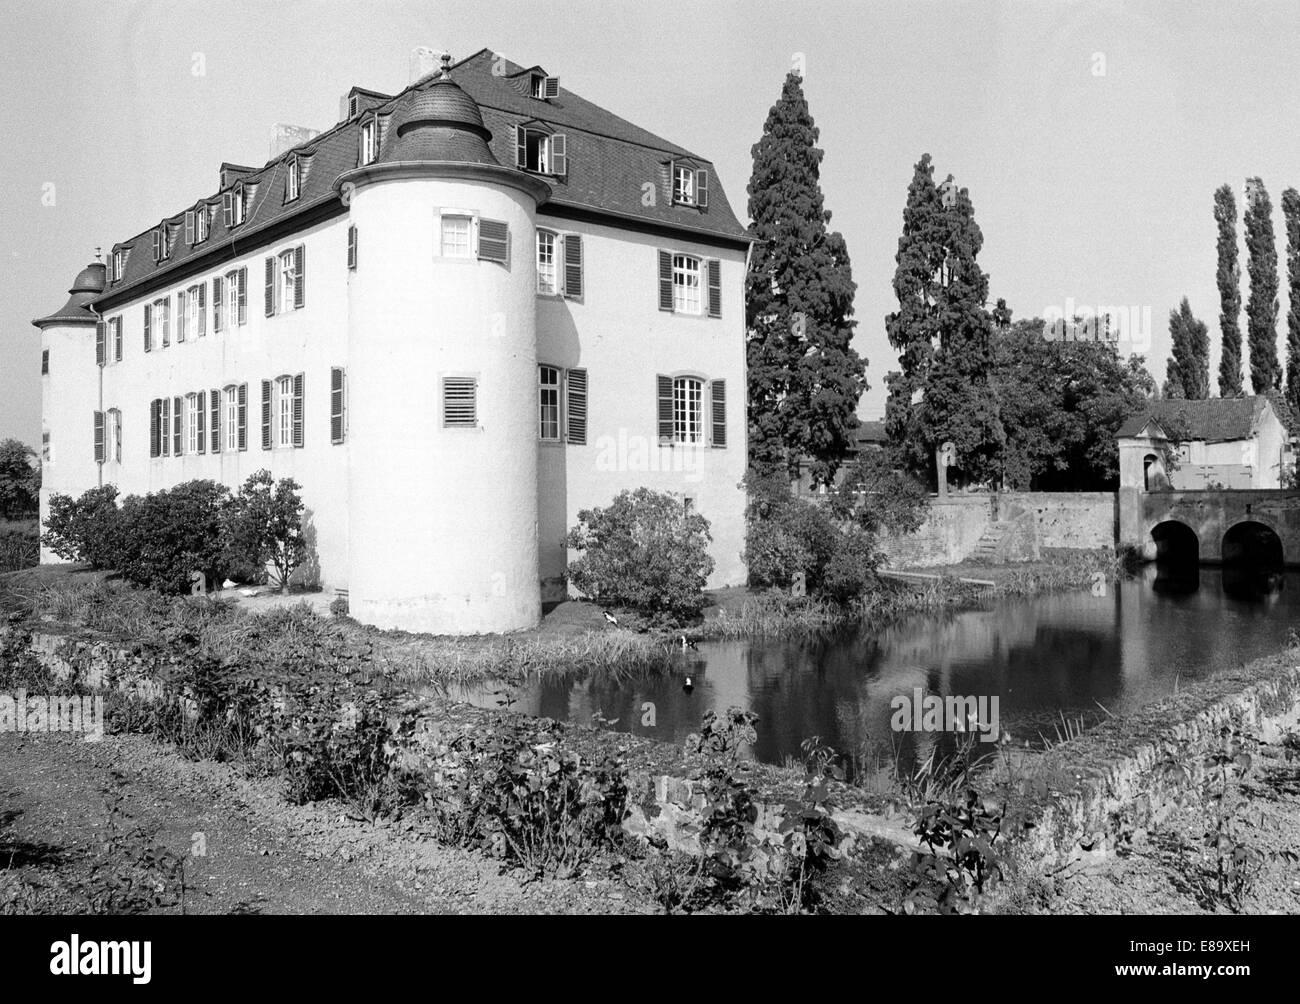 Achtziger Jahre, Wasserburg Lueftelberg in Meckenheim, Naturpark Rheinland, Nordrhein-Westfalen - Stock Image